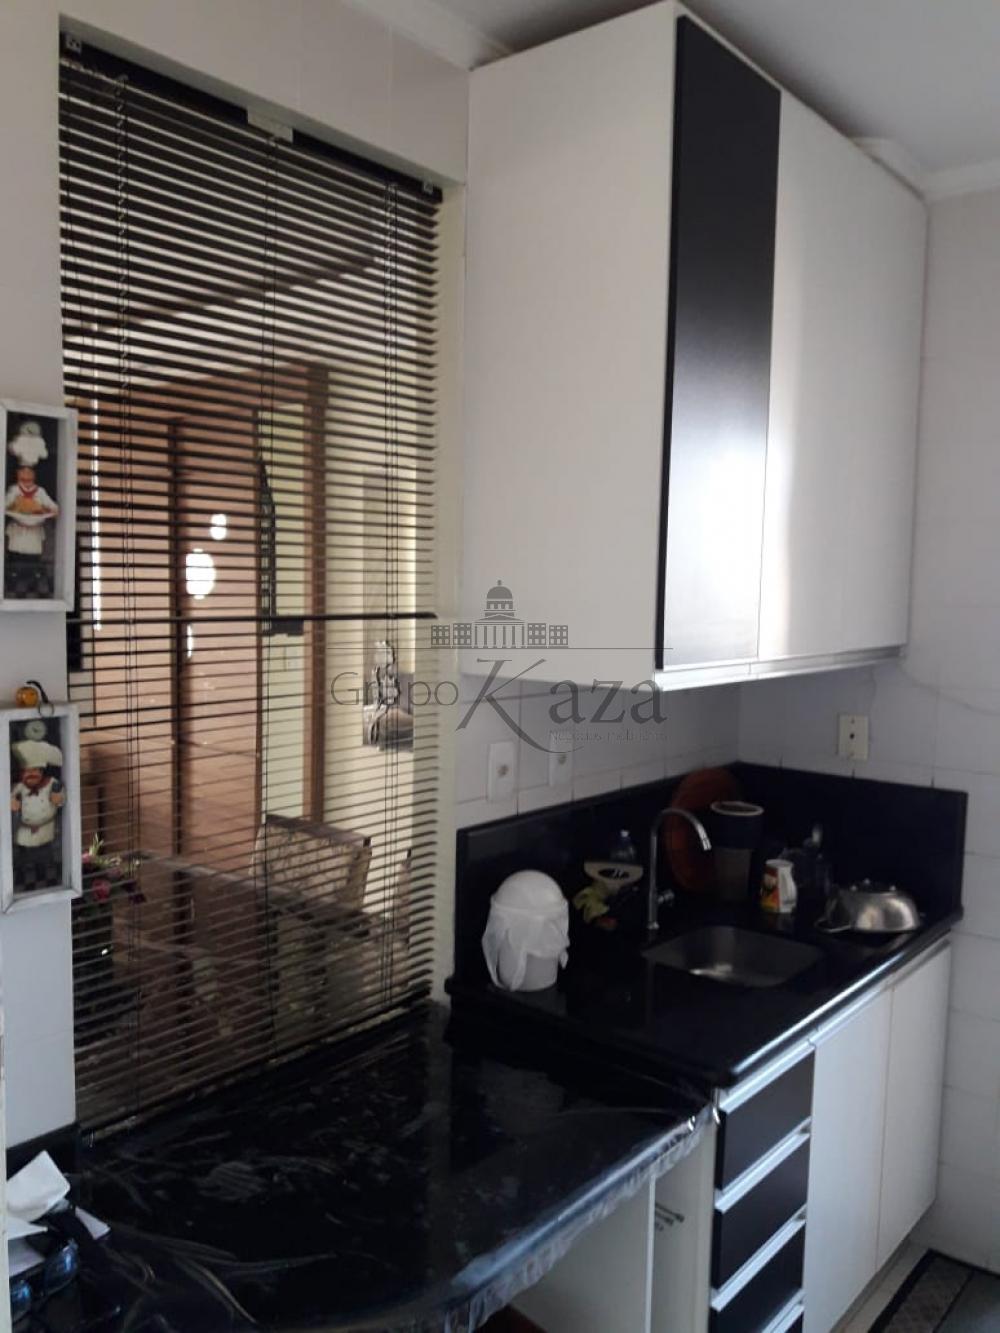 alt='Comprar Apartamento / Padrão em São José dos Campos R$ 435.000,00 - Foto 5' title='Comprar Apartamento / Padrão em São José dos Campos R$ 435.000,00 - Foto 5'